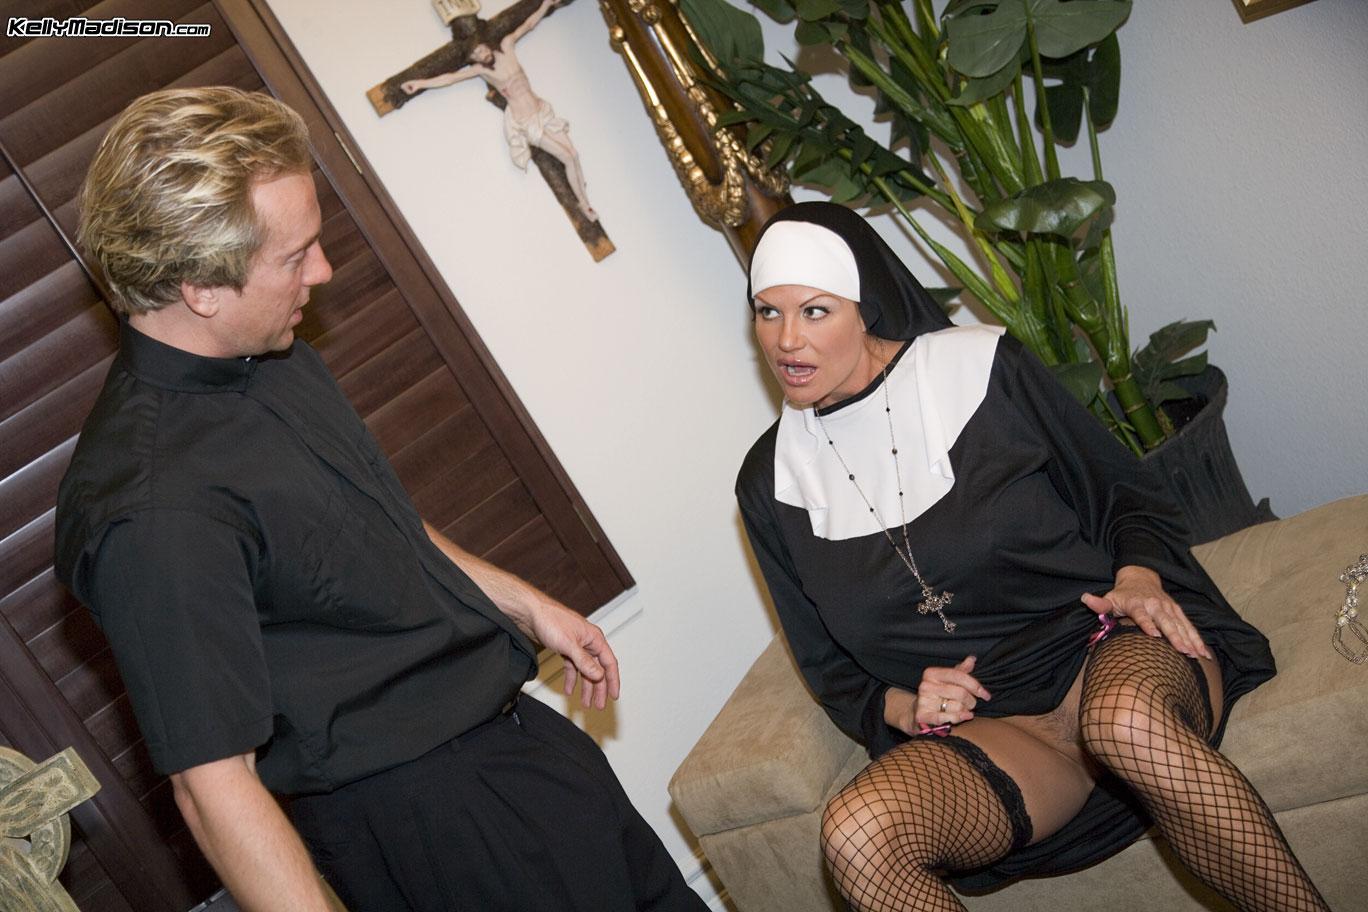 Смотреть ролики монашки в хорошем качестве, Монашки порно видео онлайн - бесплатный просмотр 6 фотография